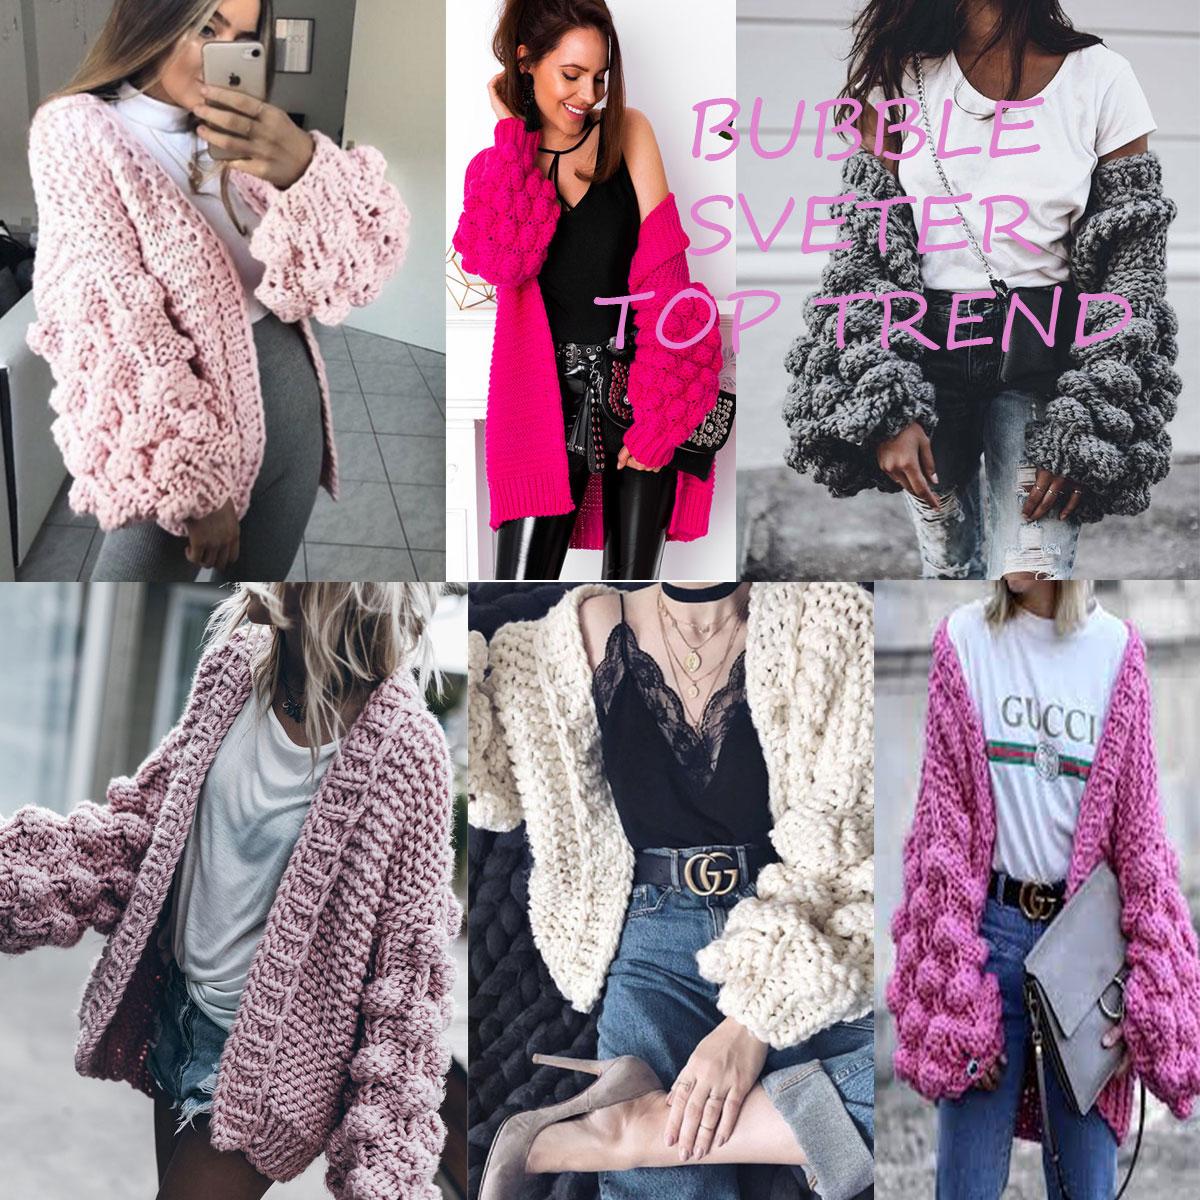 Dámský luxusní pletený svetr jak sako nezapínací styl se super rukávy BUBBLE.  Svetr který si zamilujete- příjemný k nošení.Teplý 58daf1284b